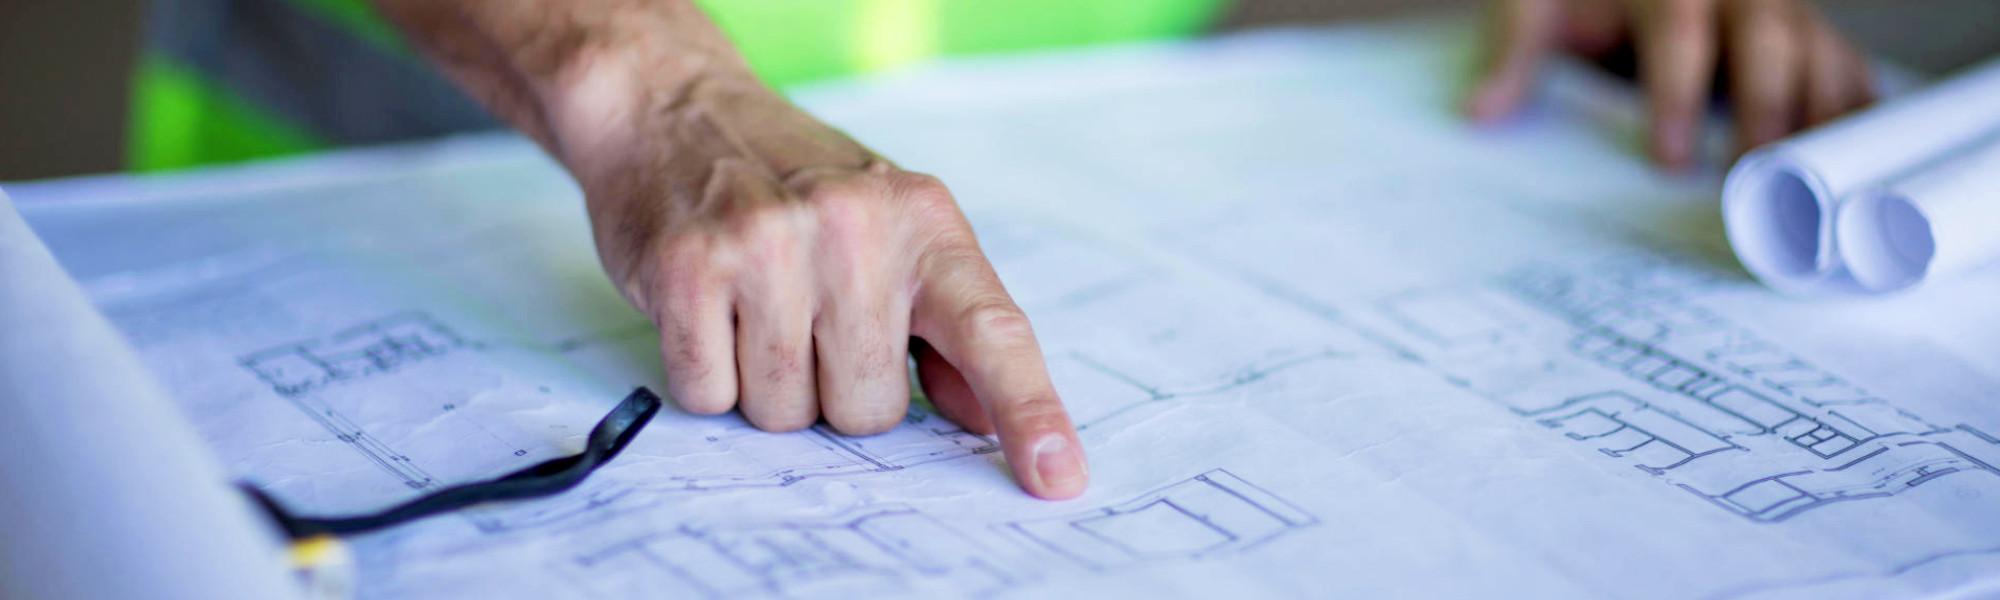 ingeniería y diseño de proyectos